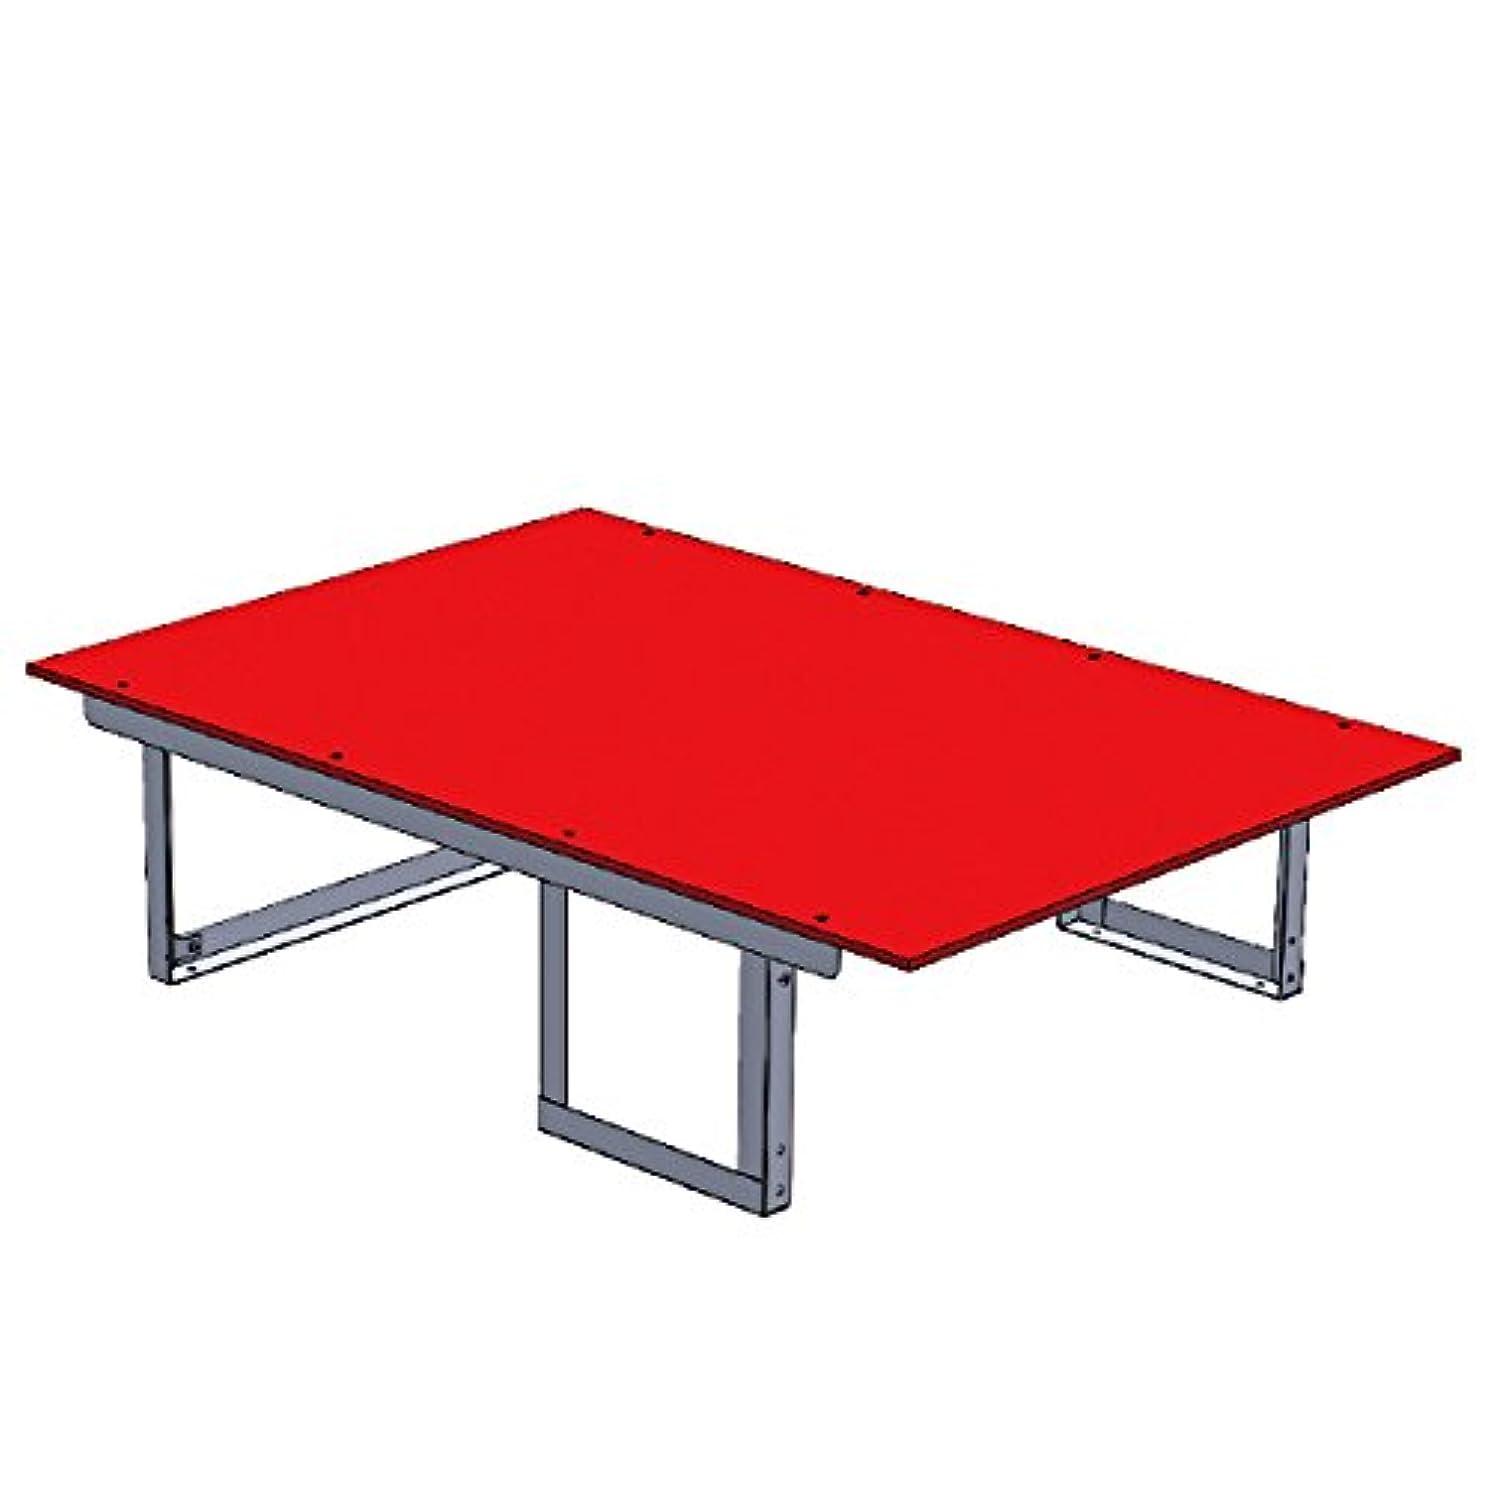 ワンダー司教エアコンジェフコム:バンキャビネット(テーブル) SCT-T05